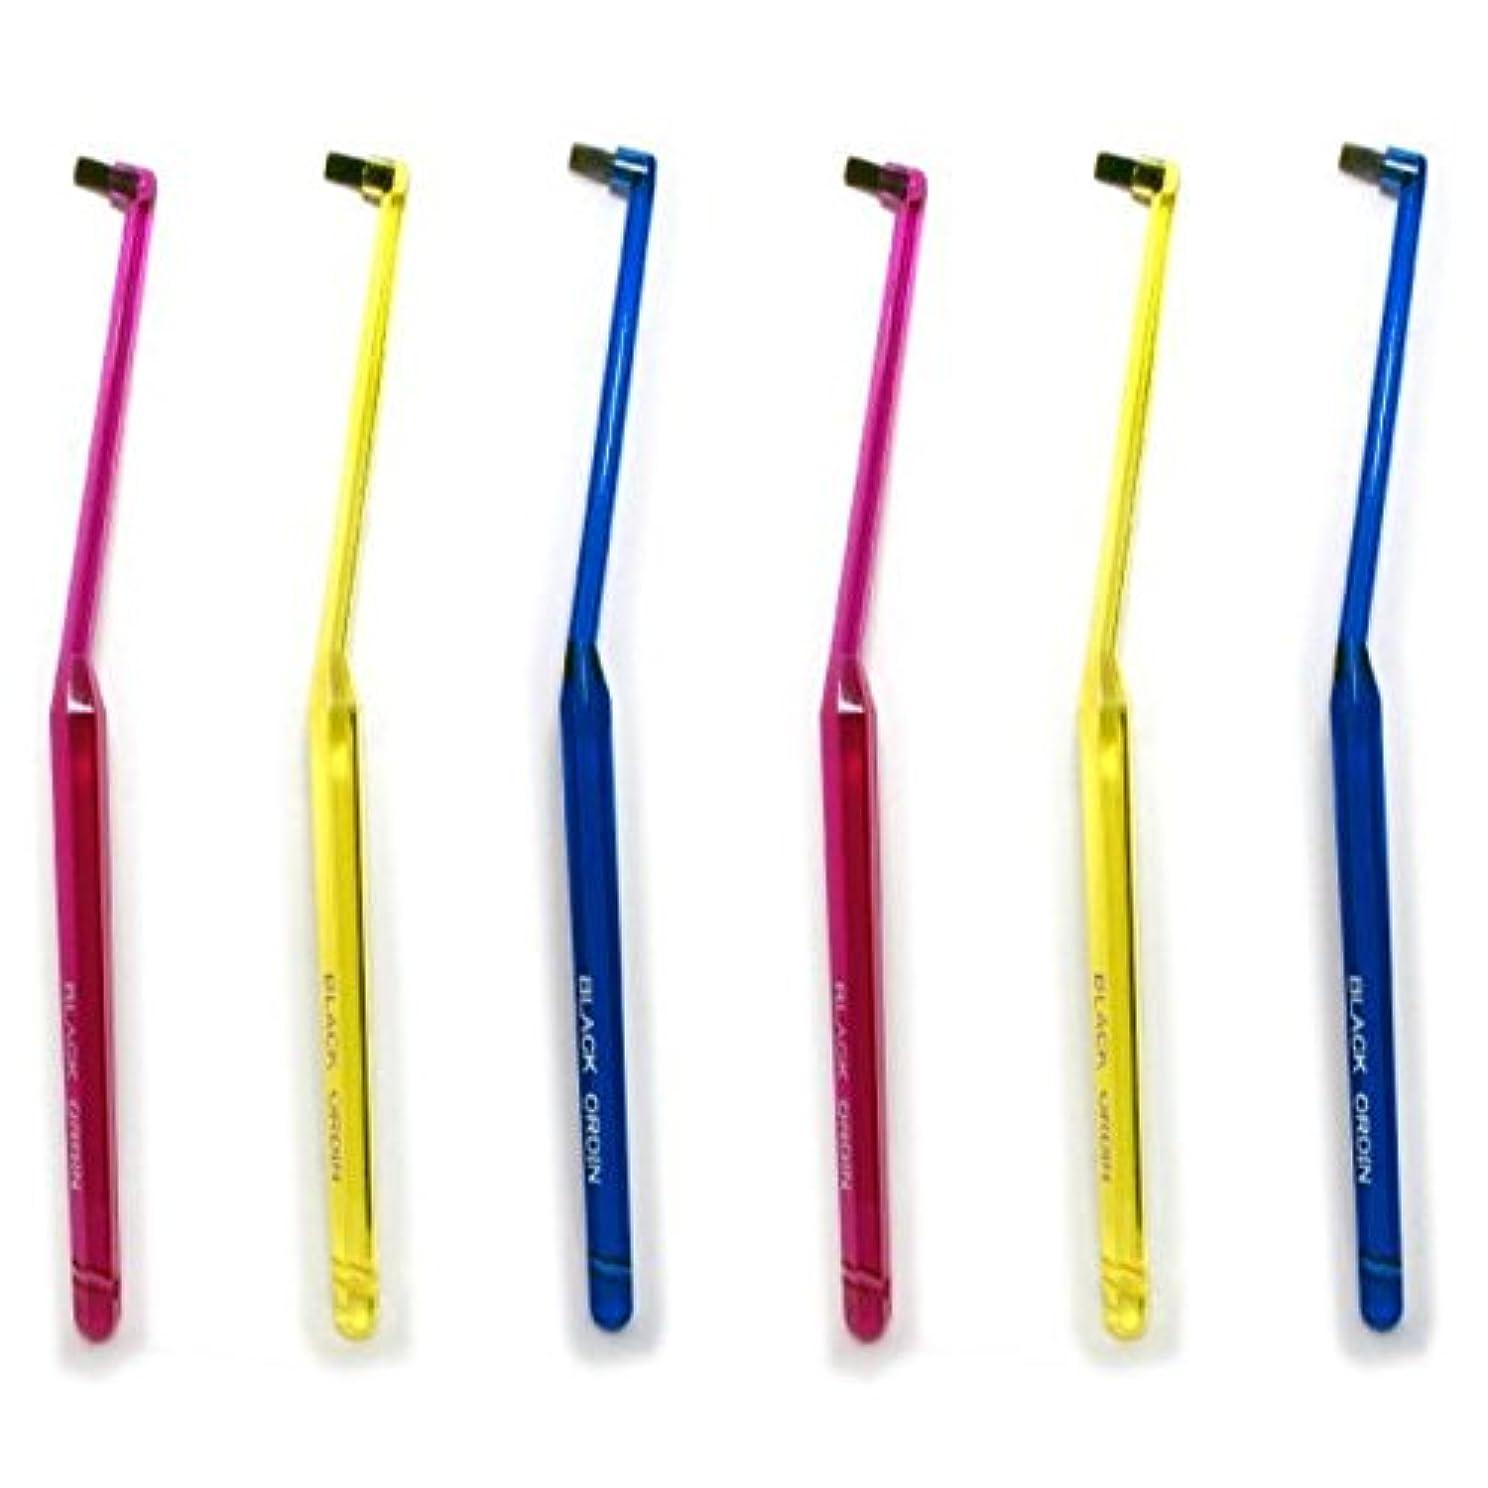 ペデスタル写真粒子ワンタフトブラシ ブラックオーディン ワンタフト×6本セット 部分用歯ブラシ 歯磨き 歯ブラシ